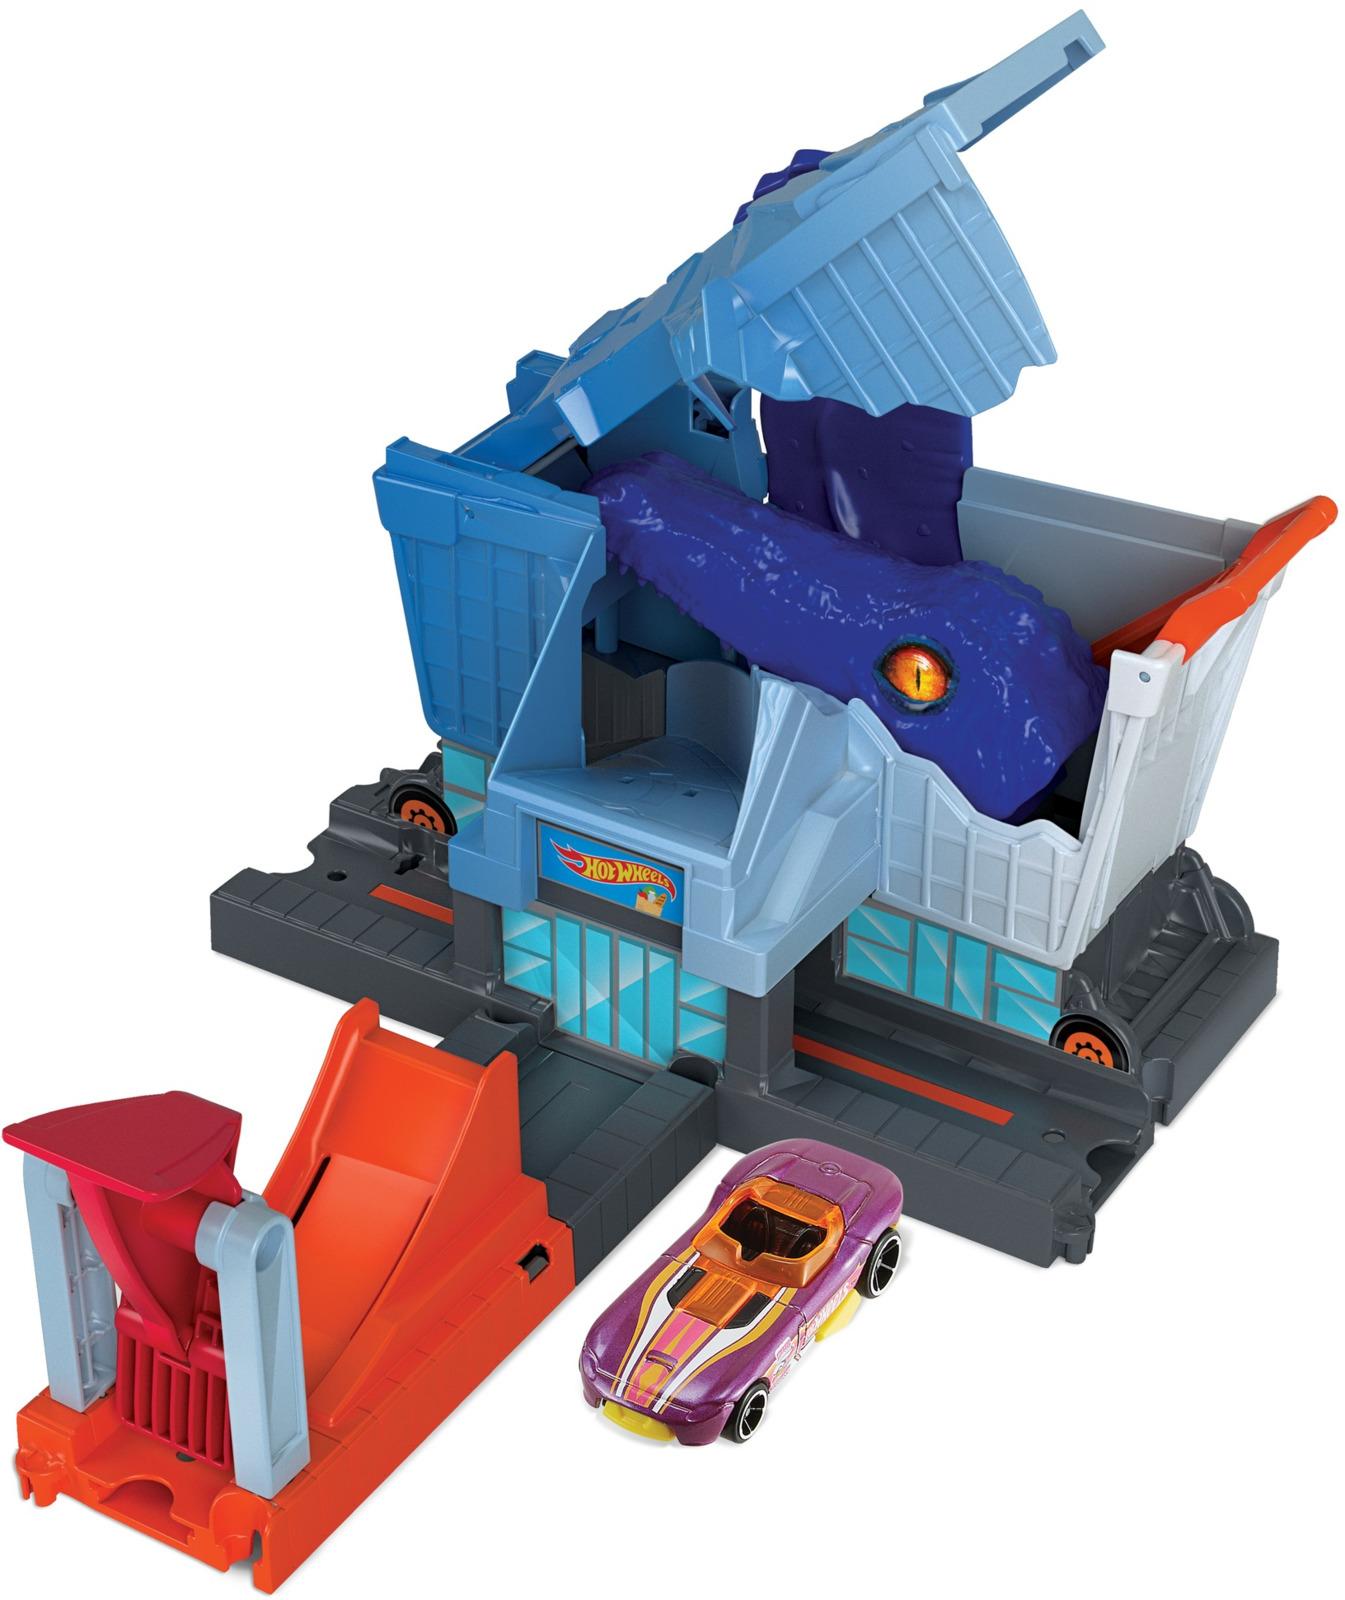 Hot Wheels Игрушечный трек Сити с монстрами-злодеями tonka игрушечный трек trash treader